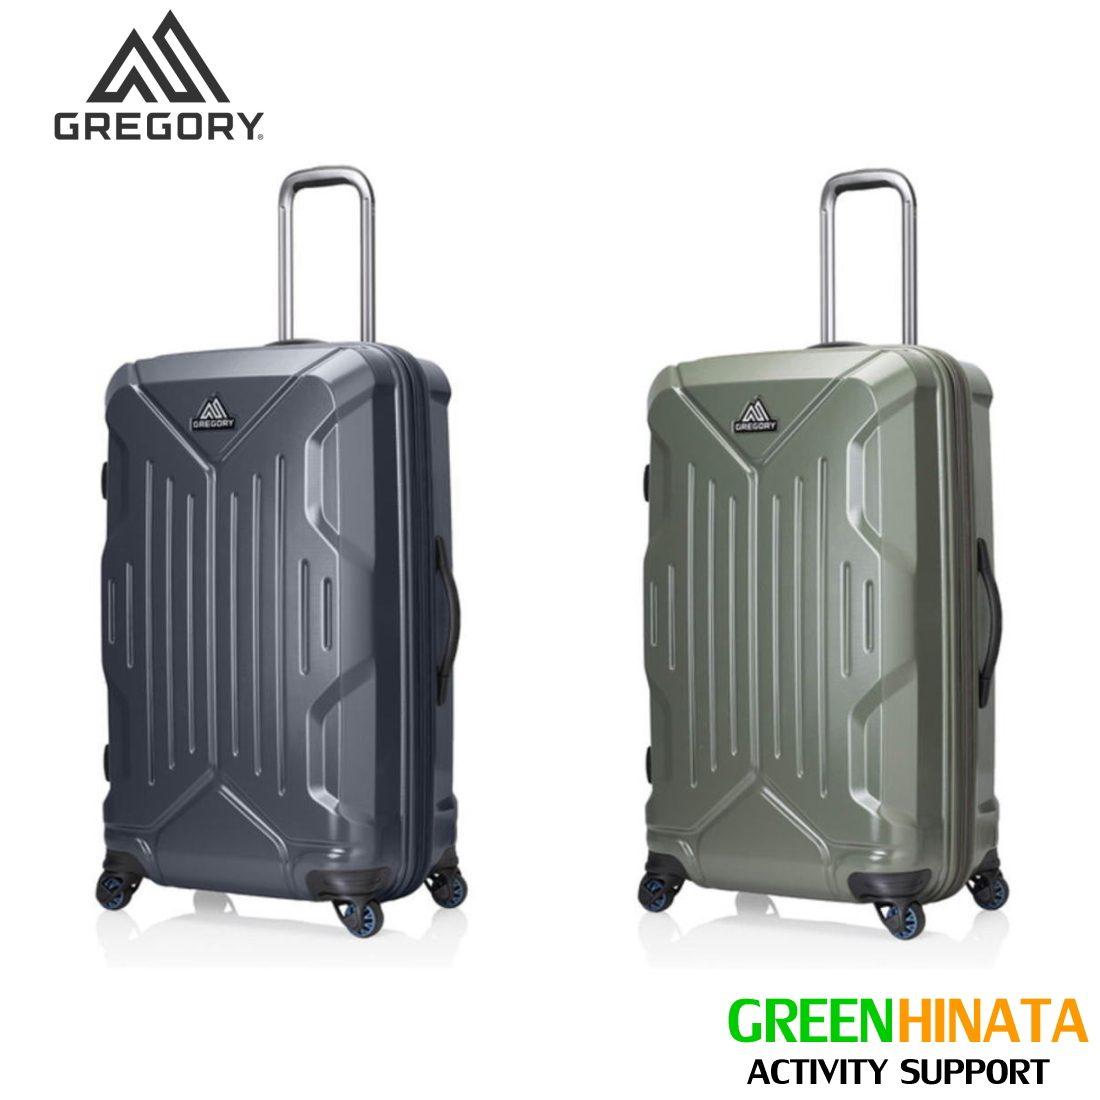 【国内正規品】 グレゴリー クアドロ ハードケース ローラー 30 旅行カバン コロコロ GREGORY QUADRO HARDCASE ROLLER 30SLATE BLACK スーツケース